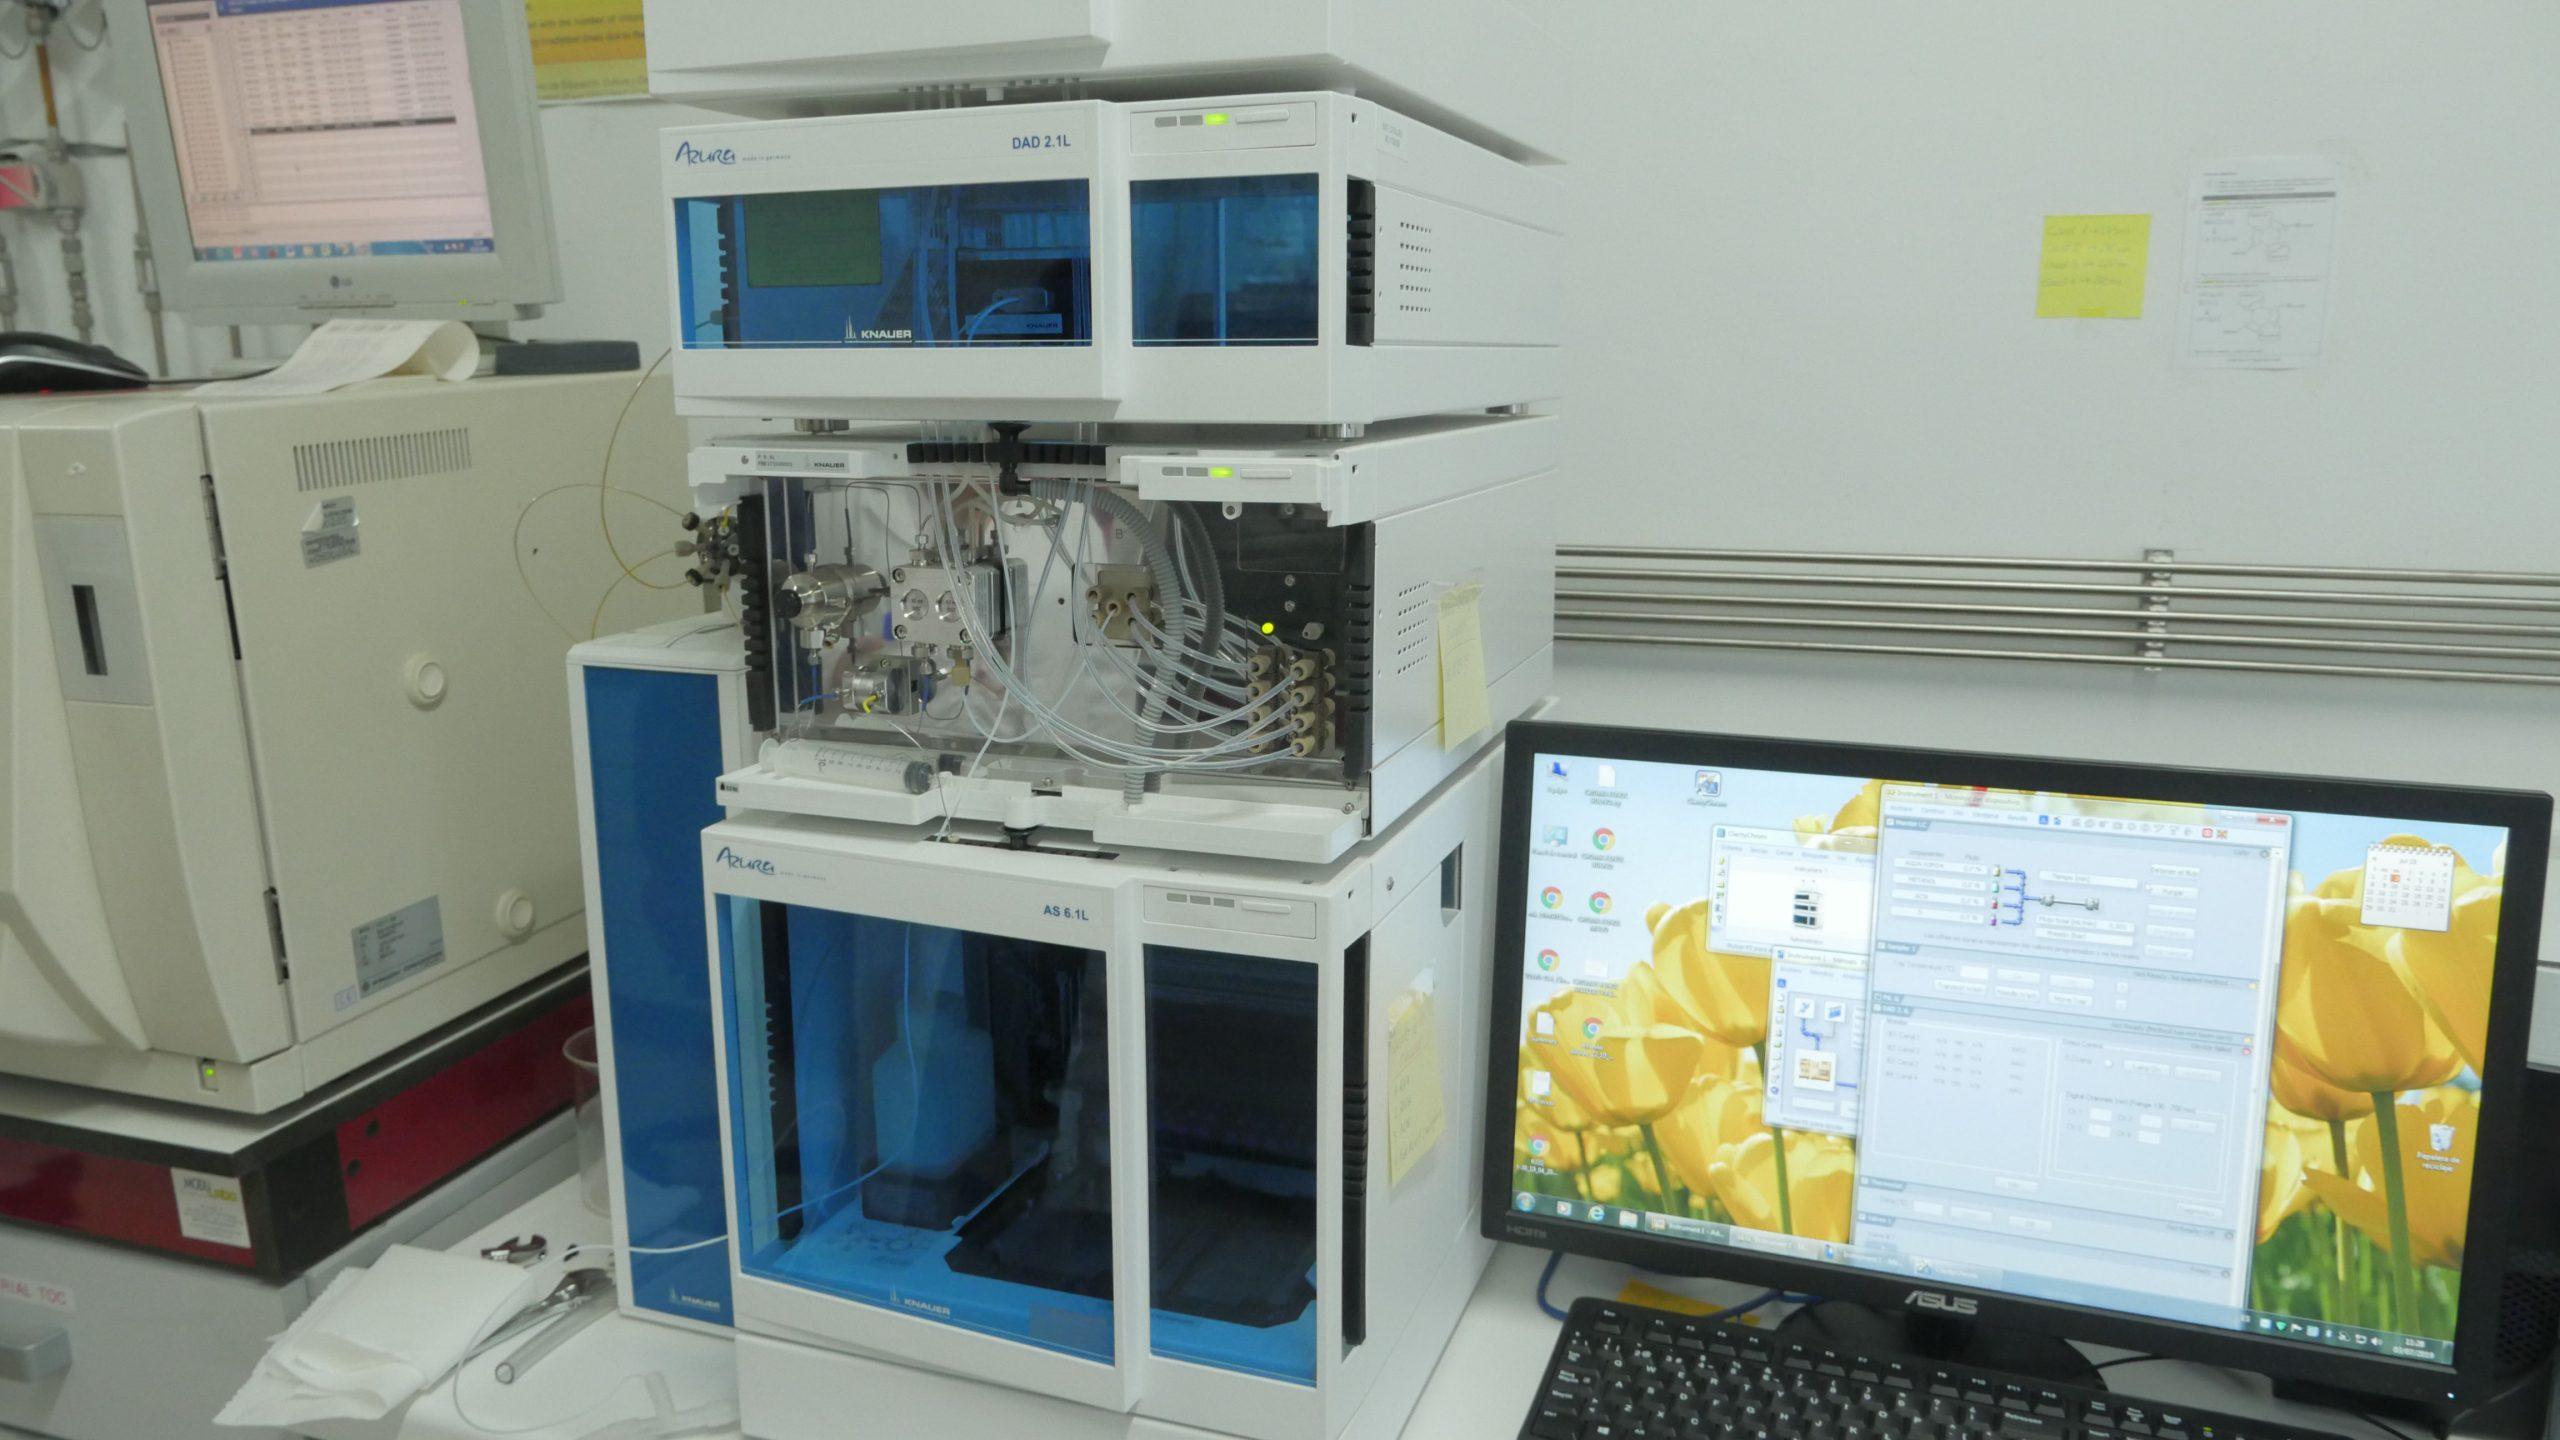 Ingeniería de Catálisis Ambiental22 scaled